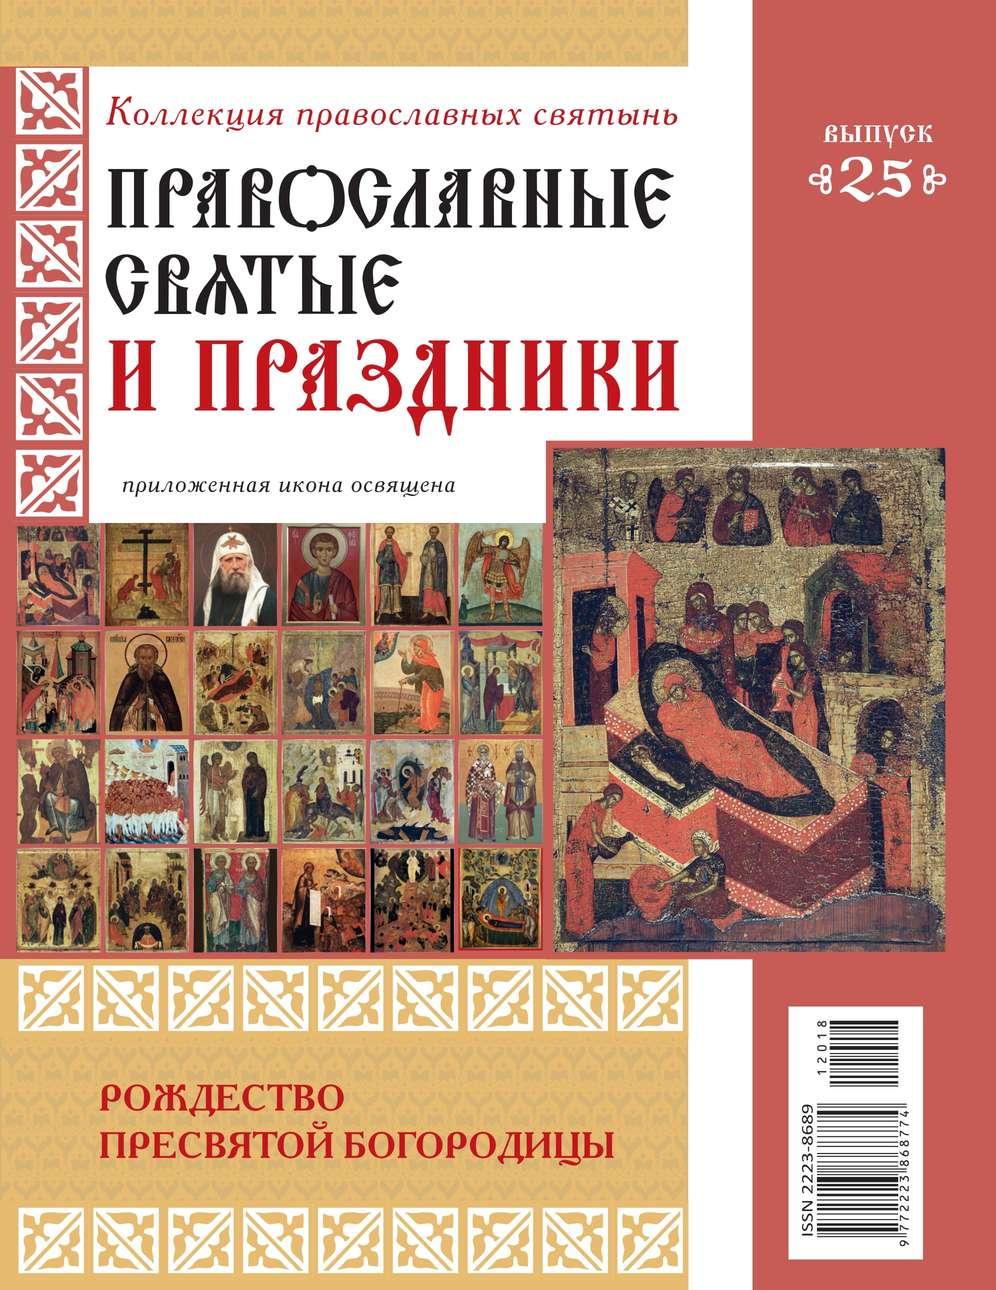 Редакция журнала Коллекция Православных Святынь Коллекция Православных Святынь 25